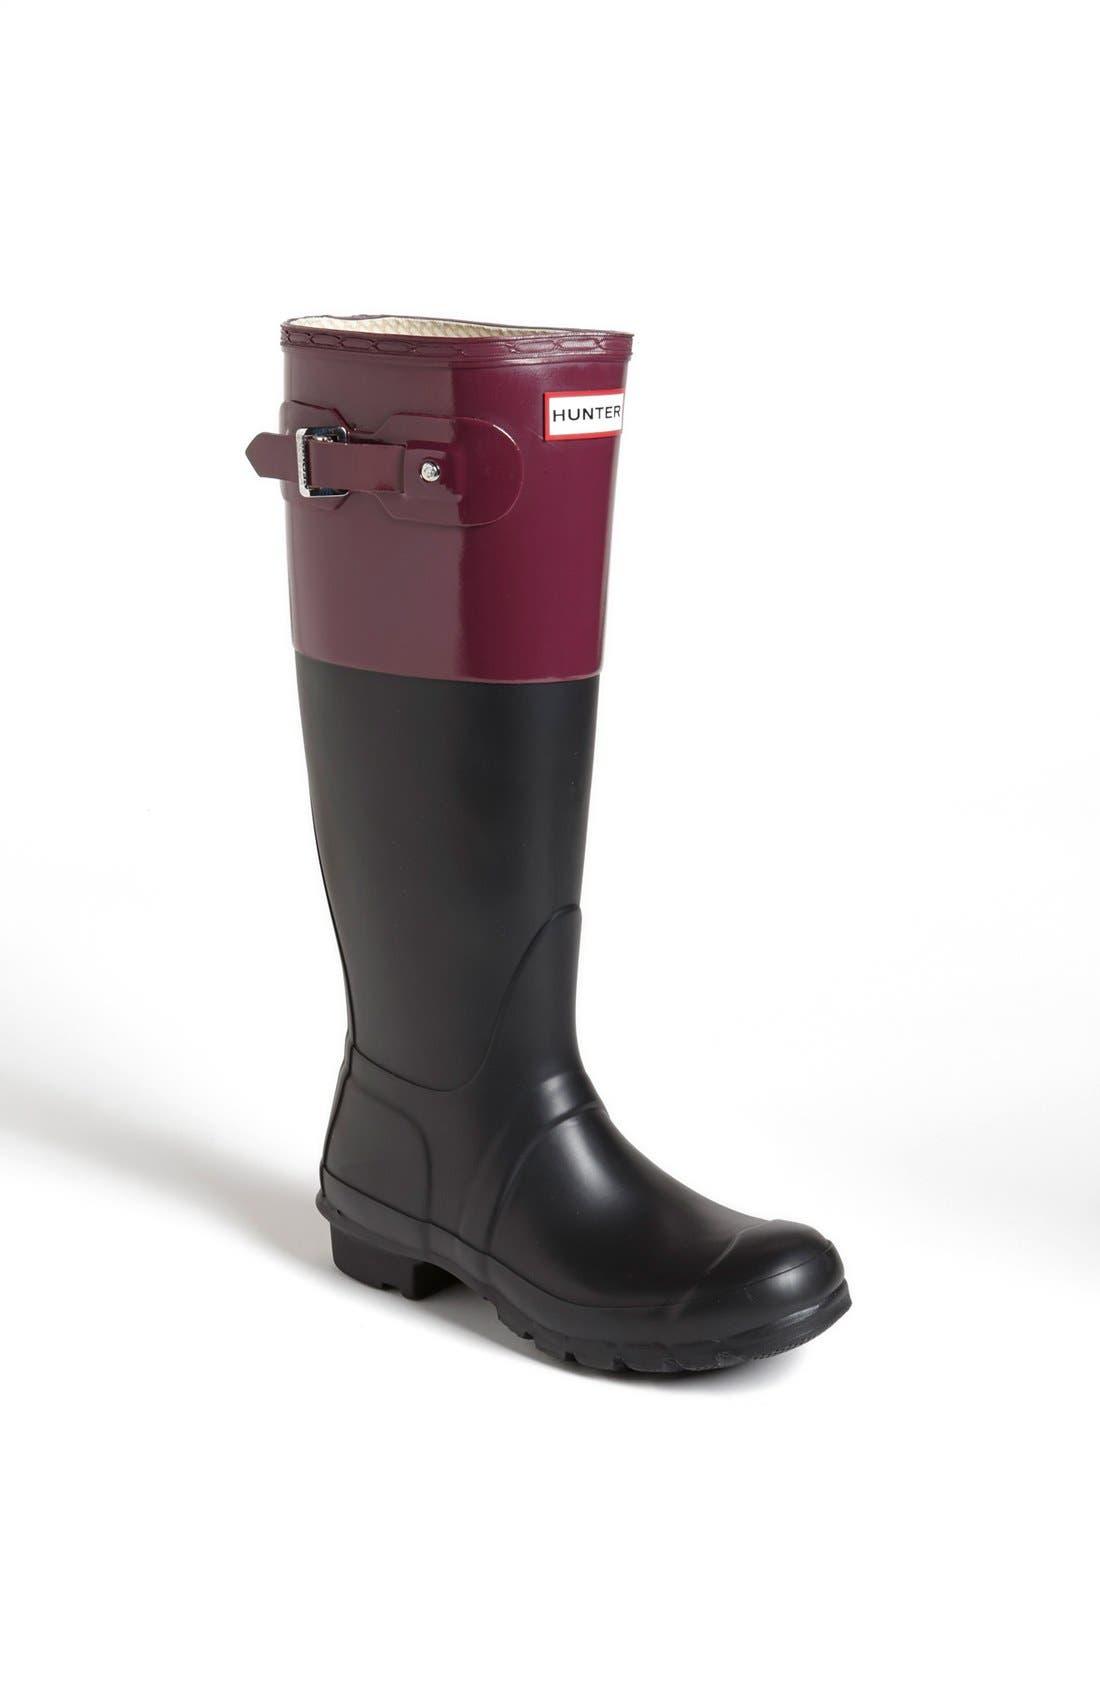 Alternate Image 1 Selected - Hunter 'Original Colorblock' Rain Boot (Women)